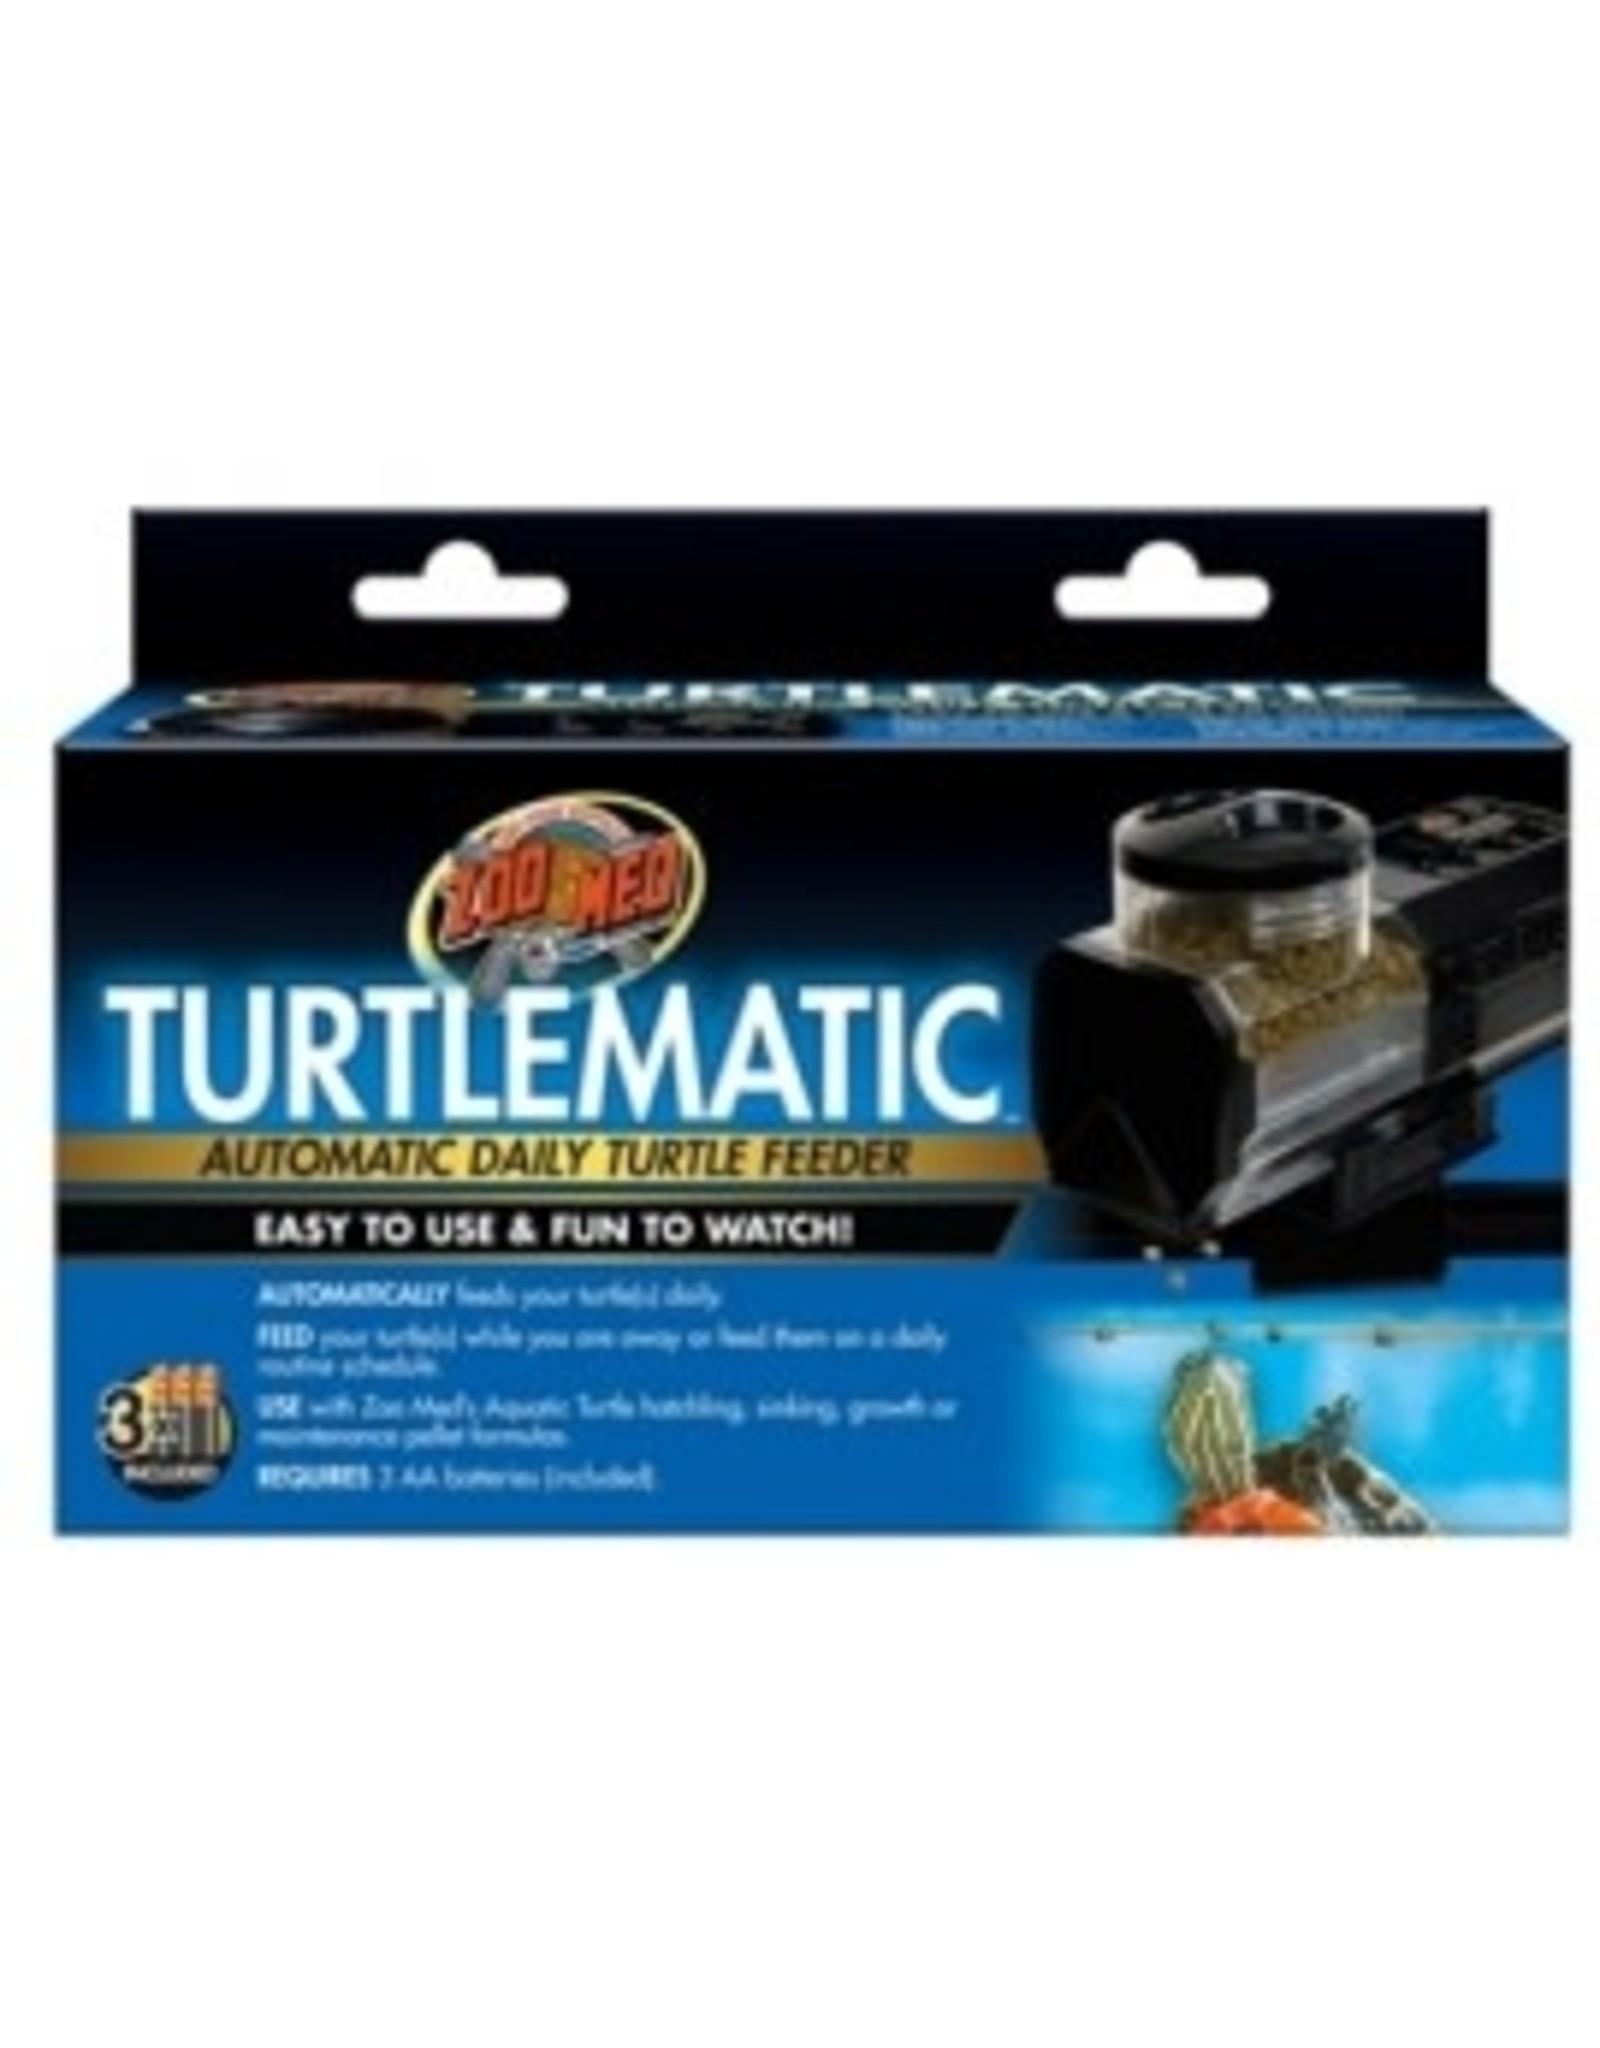 Zoomed Distributeur de nourriture Turtle Matic ZOOMED